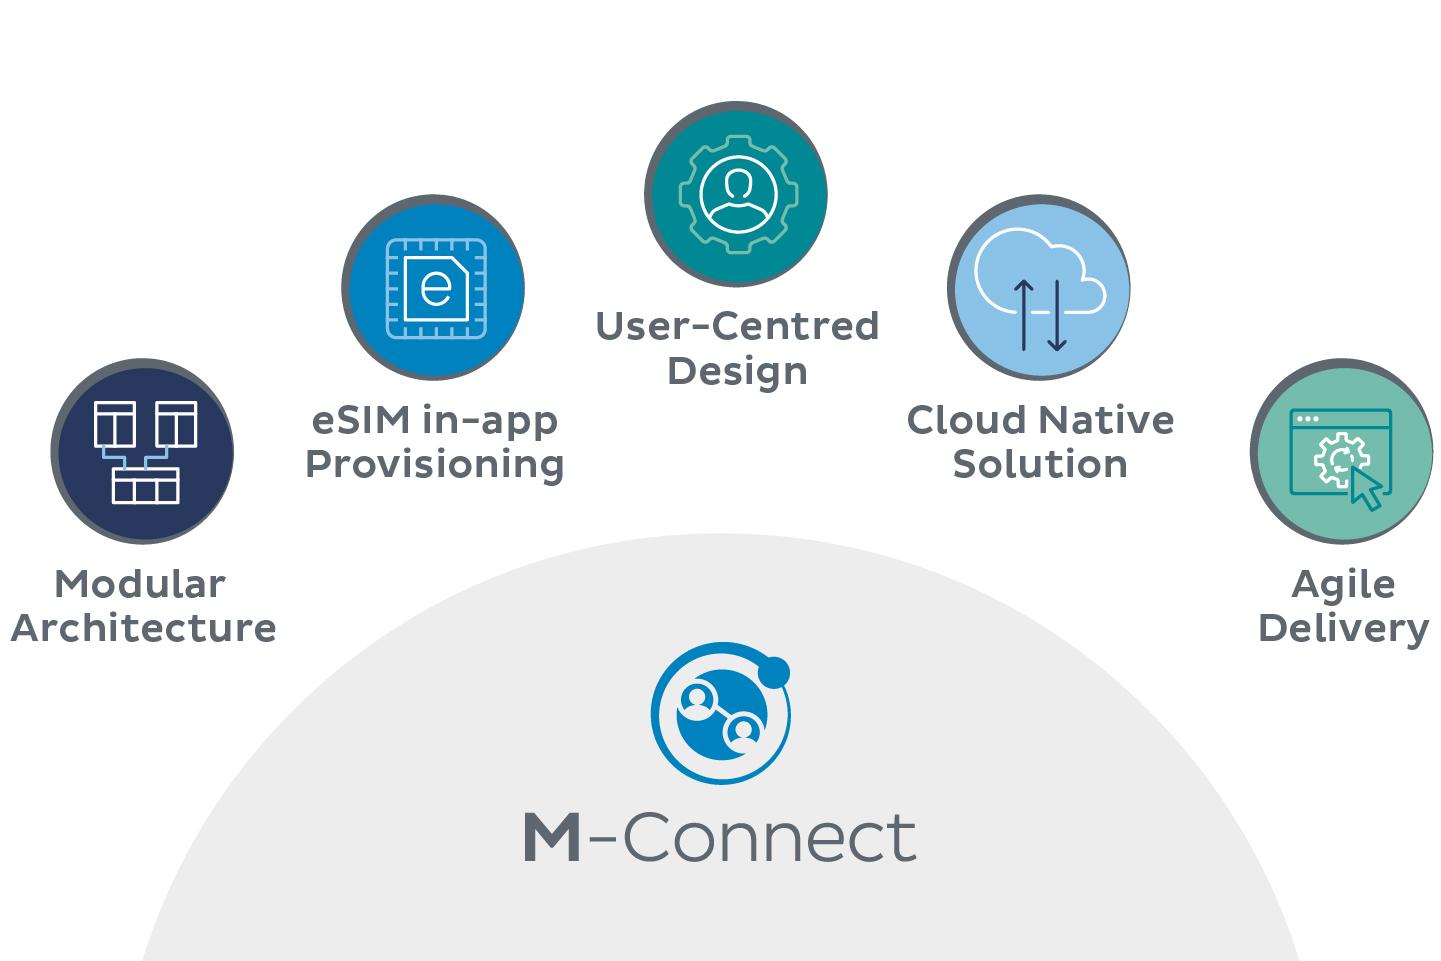 M-connect service diagram